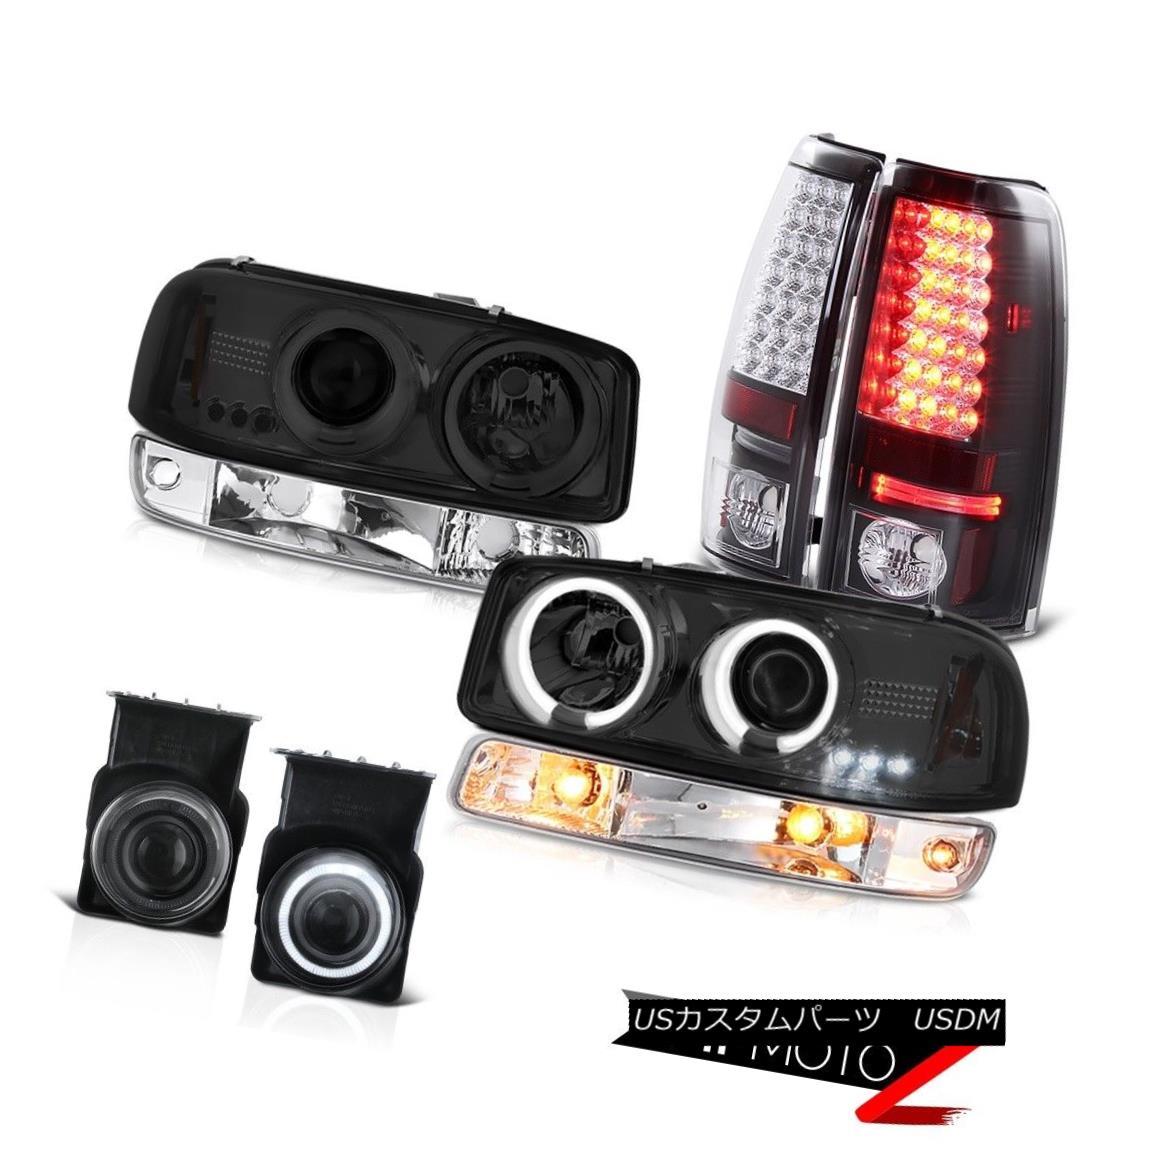 テールライト 03-06 Sierra C3 Dark smoke foglamps tail brake lamps bumper lamp ccfl headlights 03-06シエラC3ダークスモークフォグランプテールブレーキランプバンパーランプccflヘッドライト